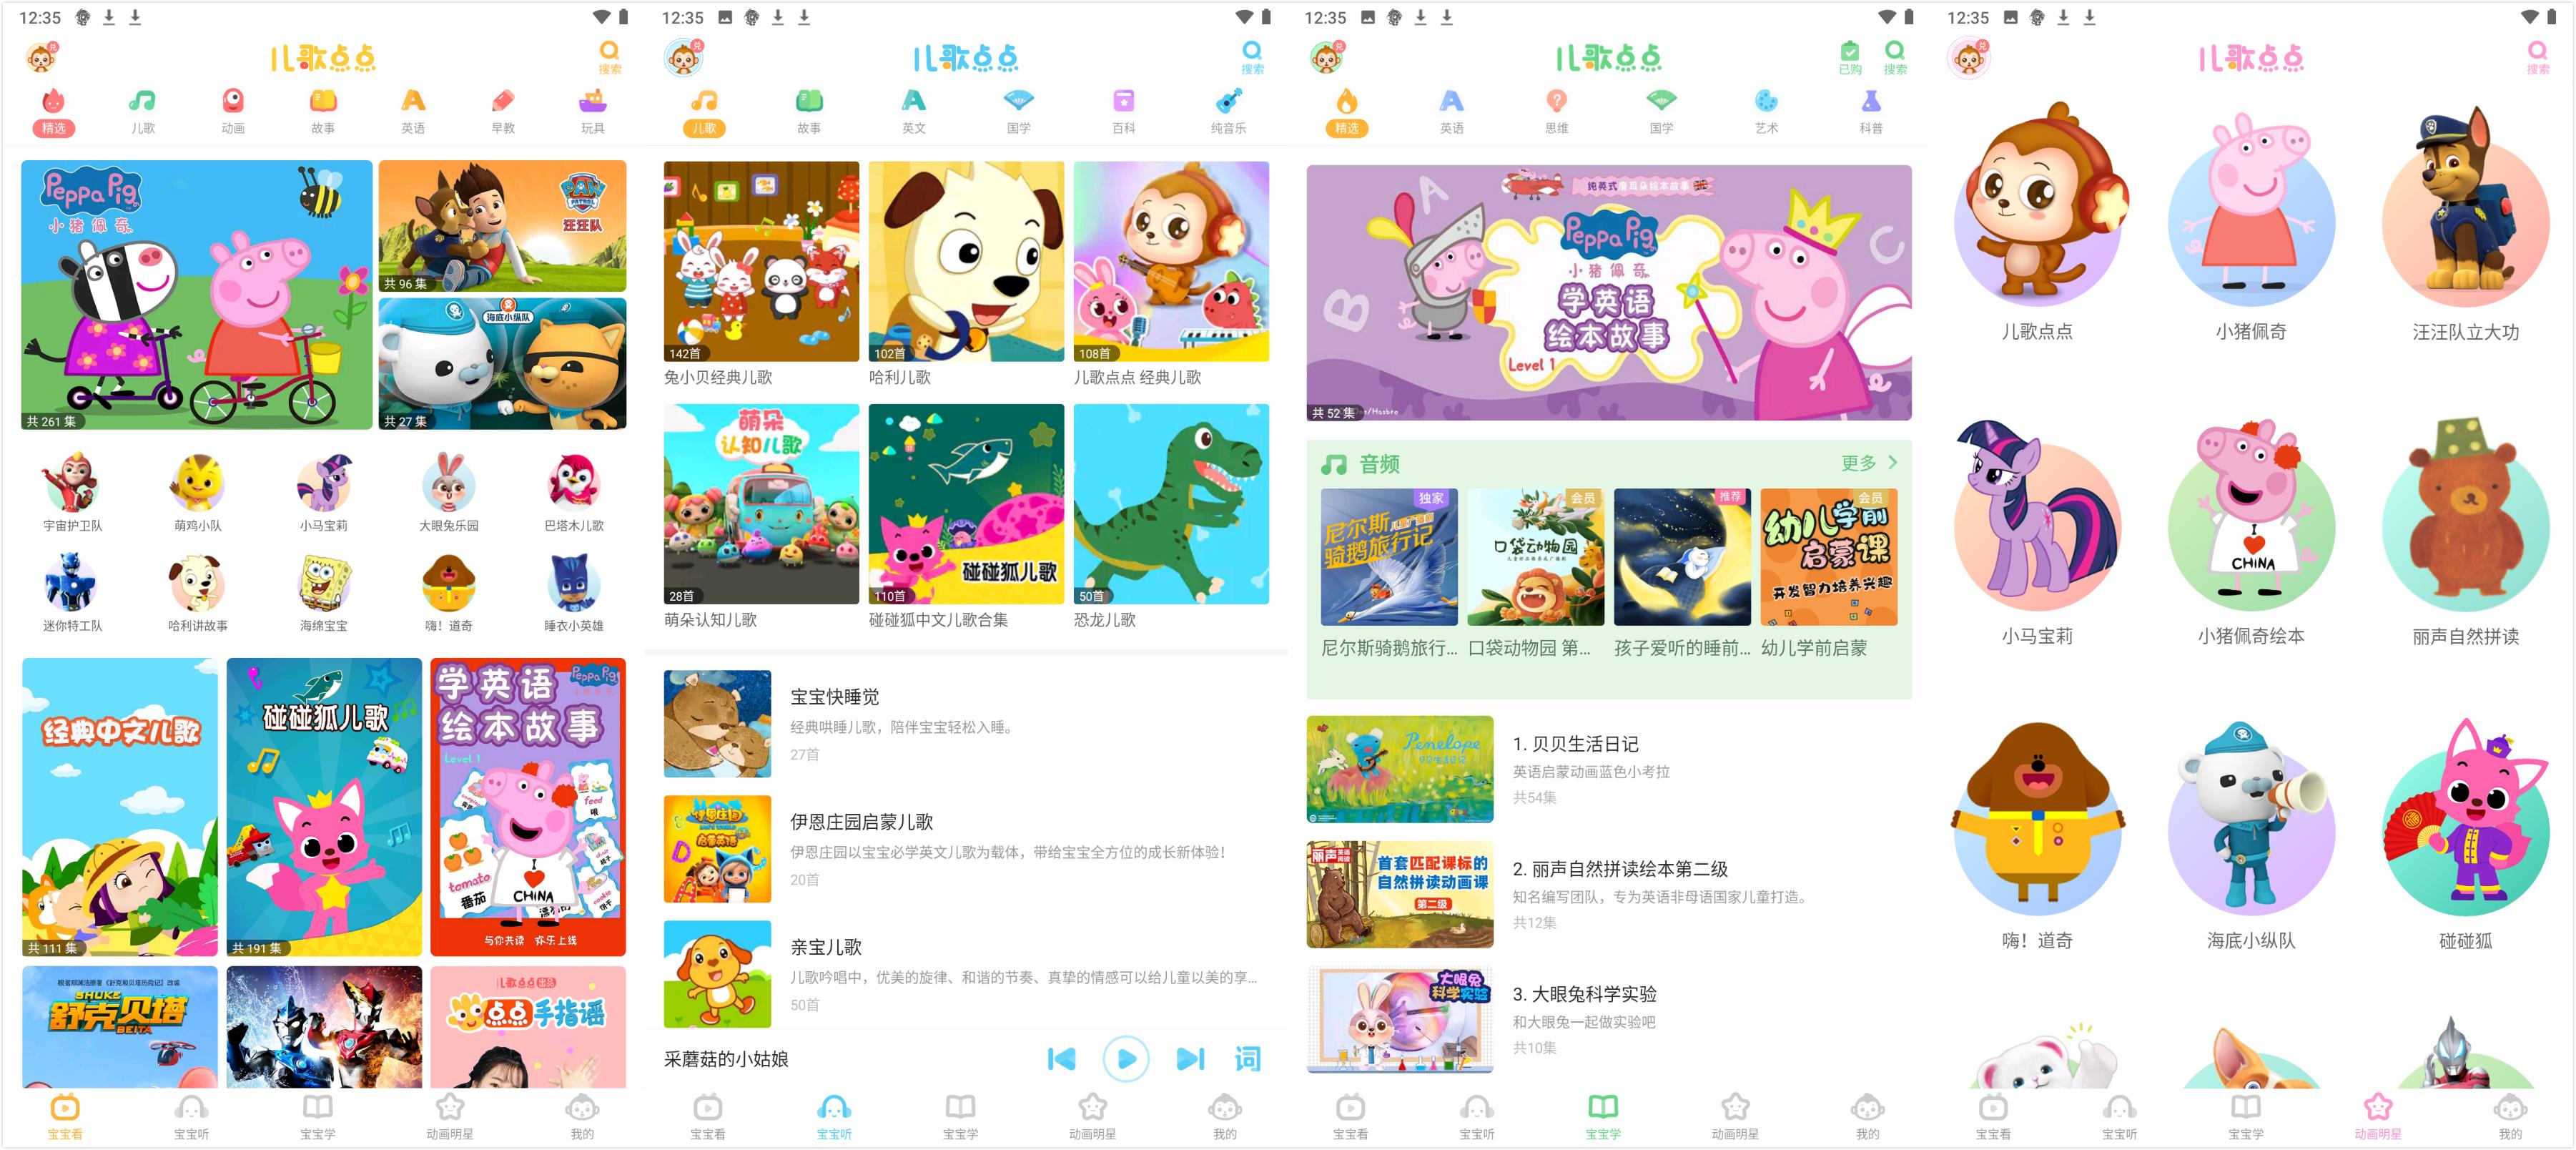 软件推荐[Android]宝爸宝妈利器 儿歌点点v3.1完美解锁版